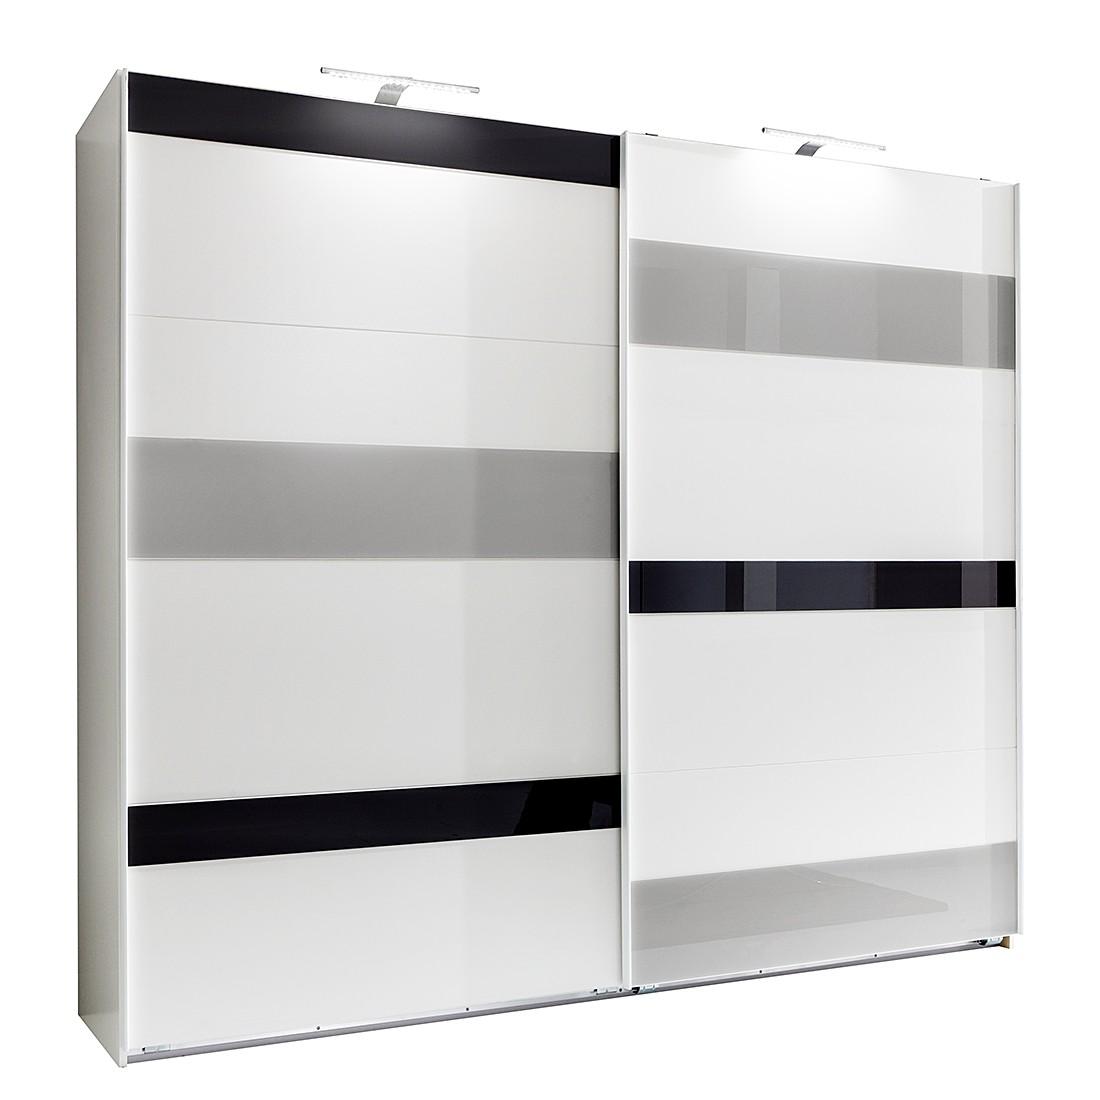 goedkoop Schuifdeurkast Mondrian Alpinewit grijs glas 225cm 2 deurs Wimex